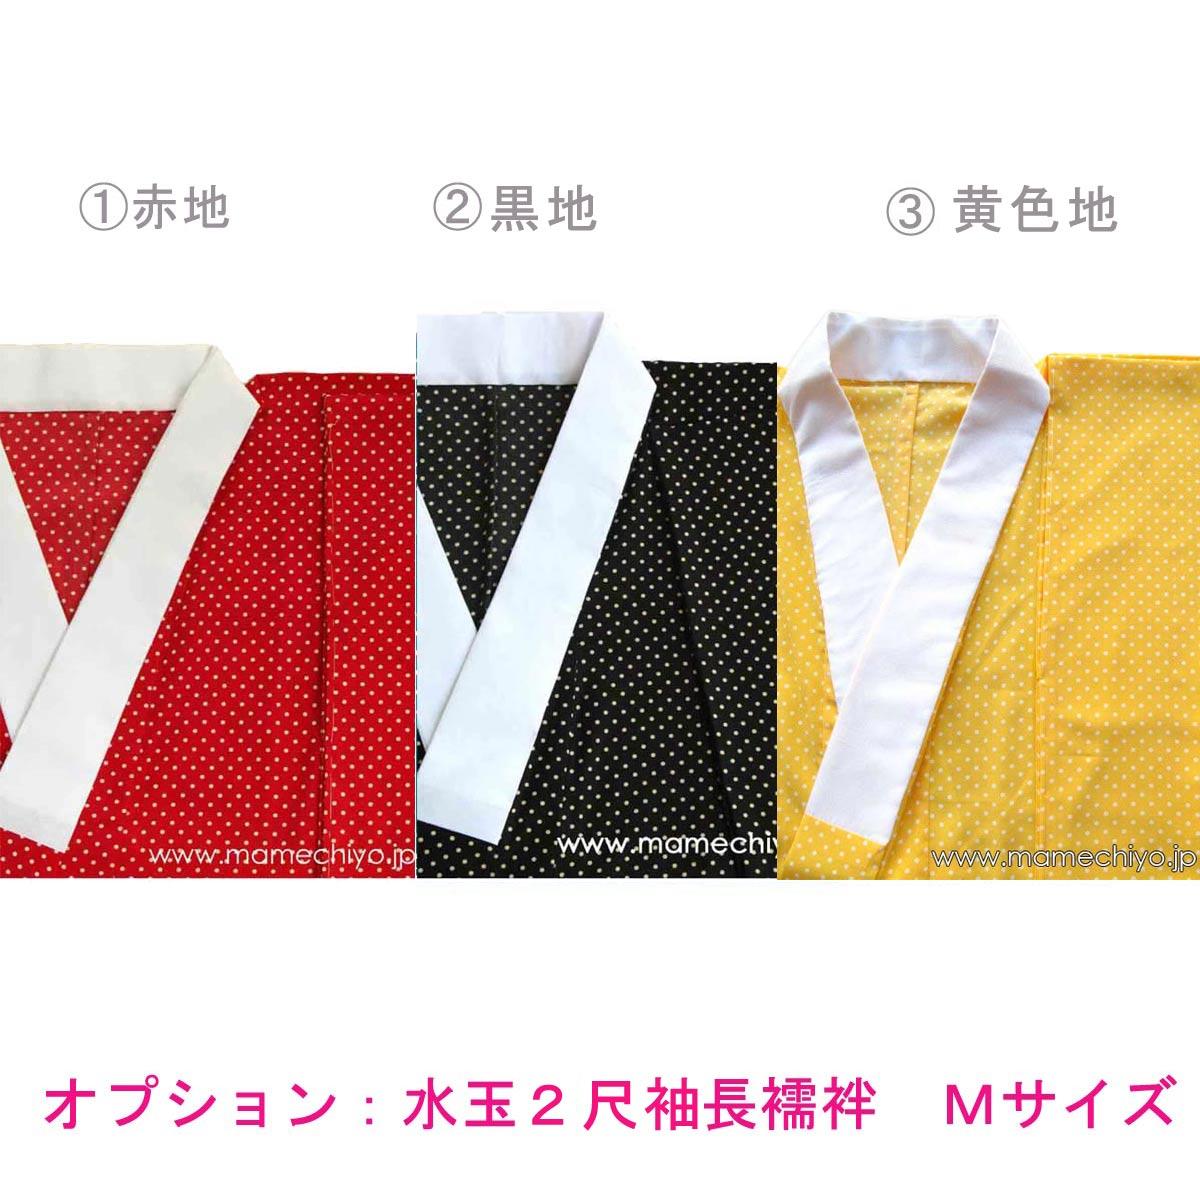 【レンタル】袴 ノクターン